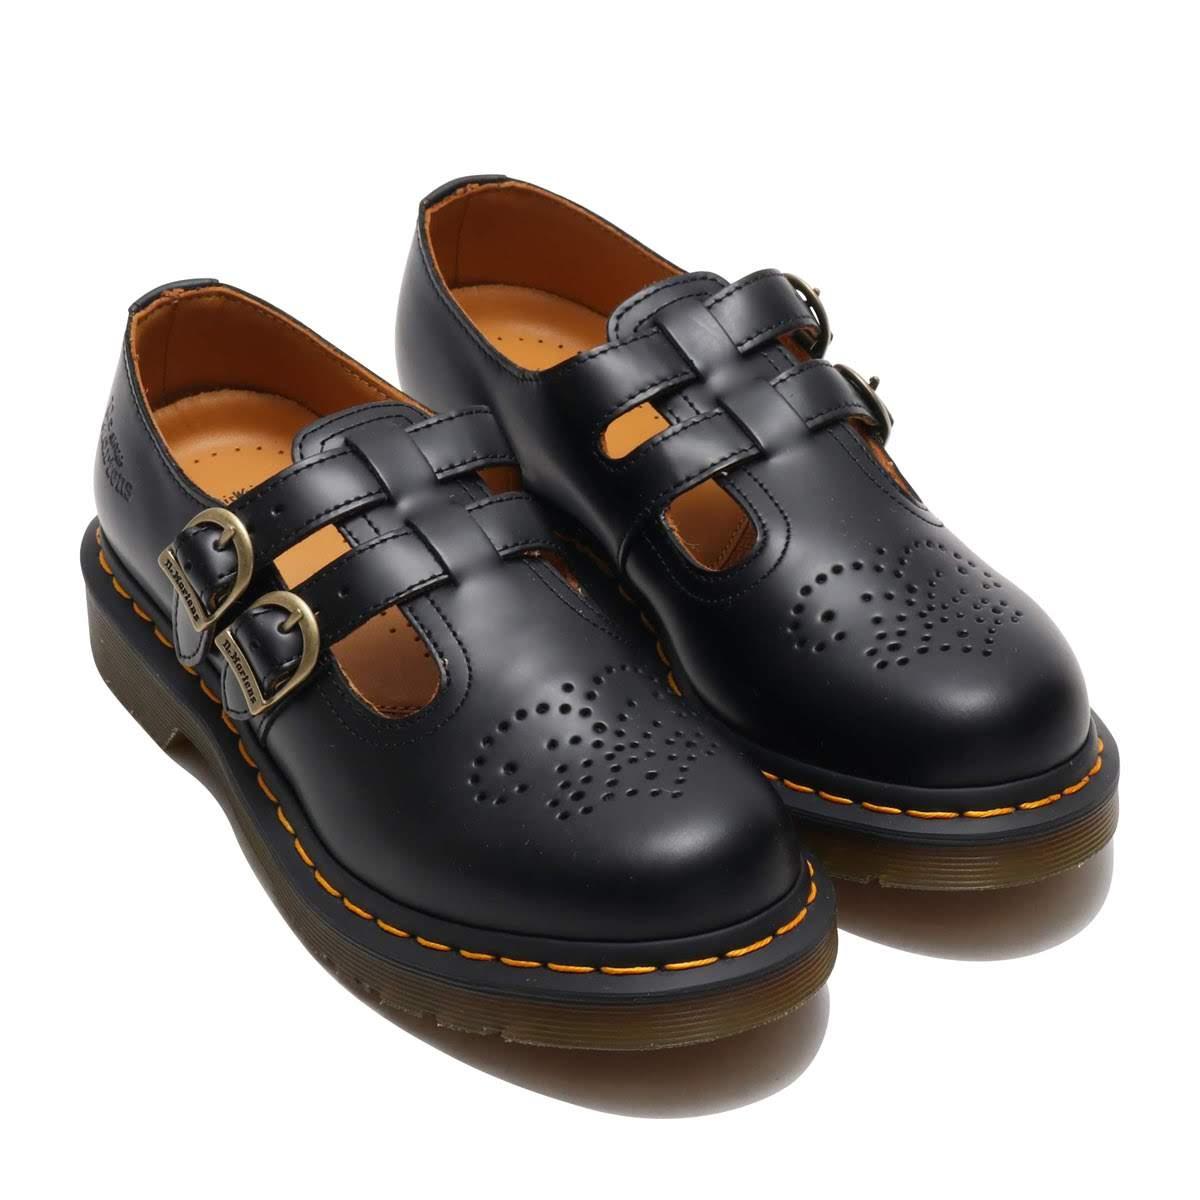 Dr.Martens 8065 MARYJANE (ドクターマーチン 8065 メリージェーン)BLACK【メンズ レディース ブーツ】19SS-I